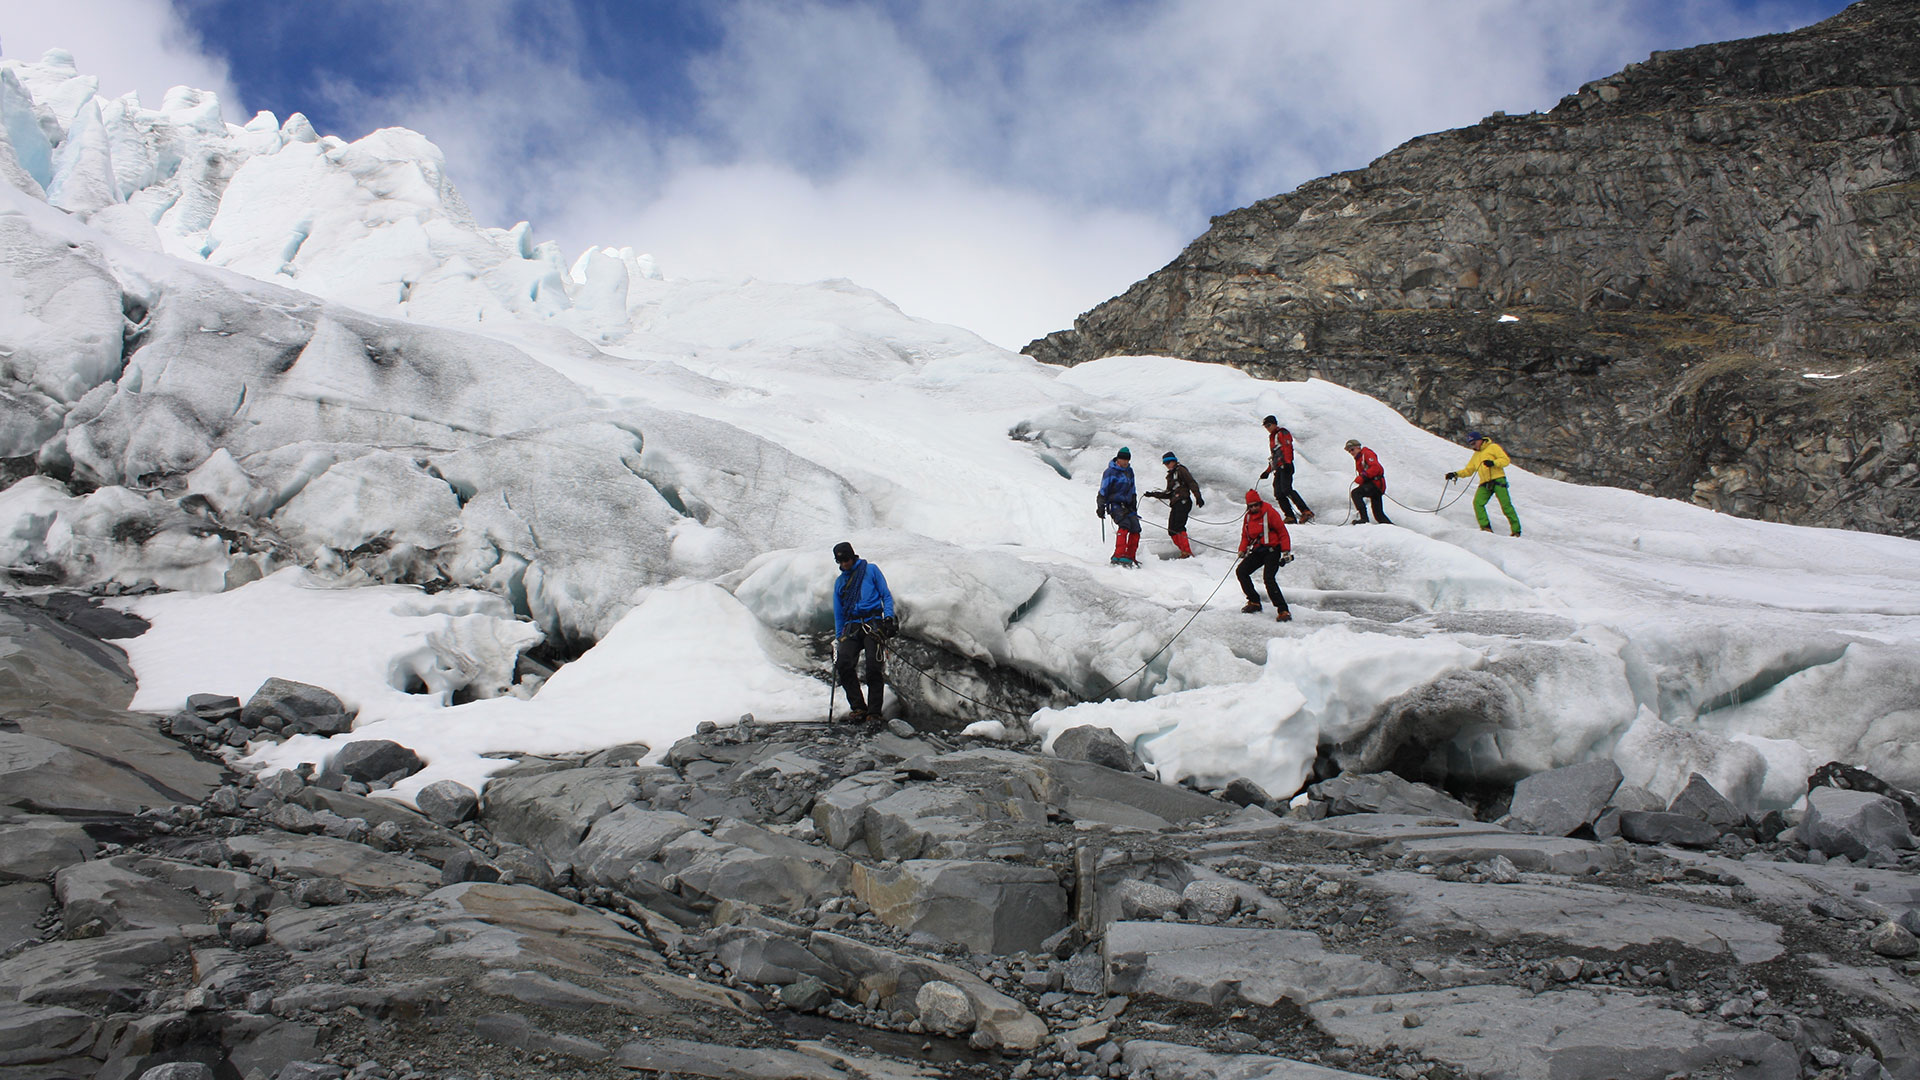 Wandern auf Gletschern